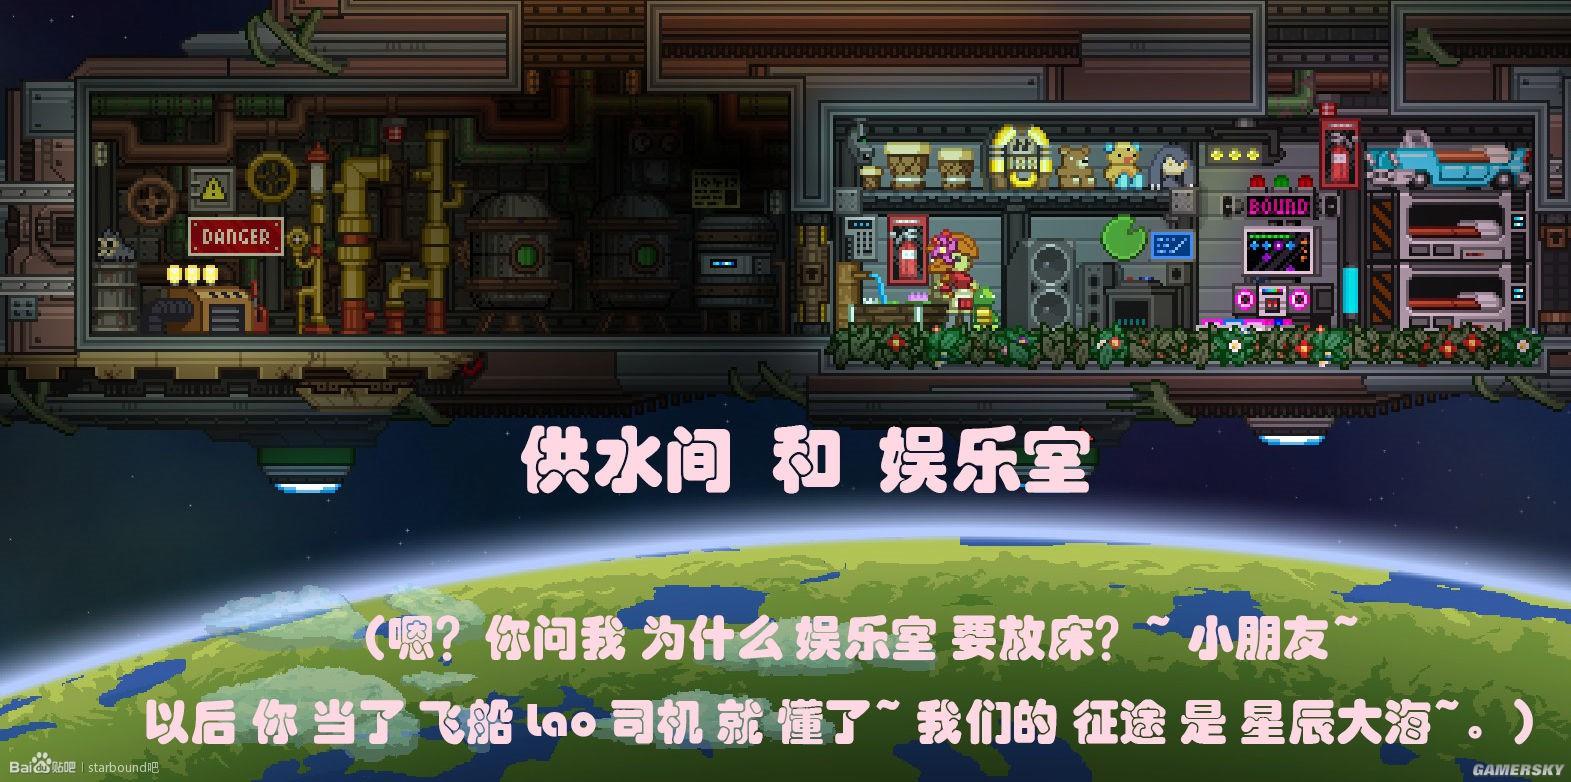 星界邊境 飛船房間布局圖文教學 飛船怎麼布局